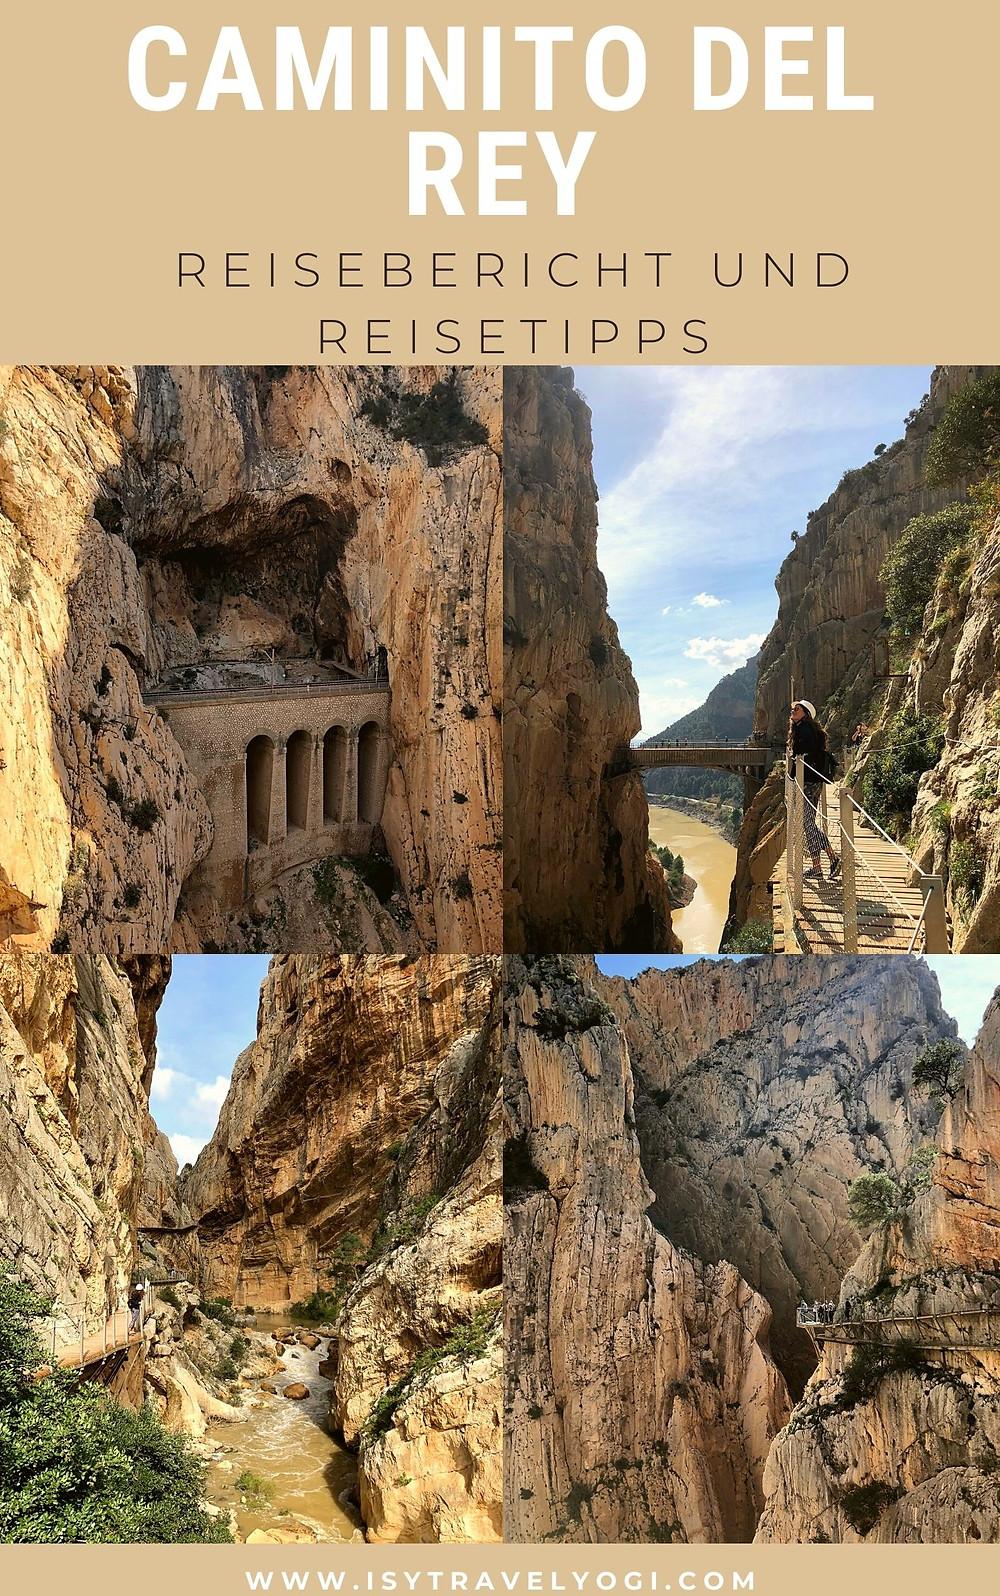 Caminito-del-rey-erfahrungen-reisetipps-reisebericht